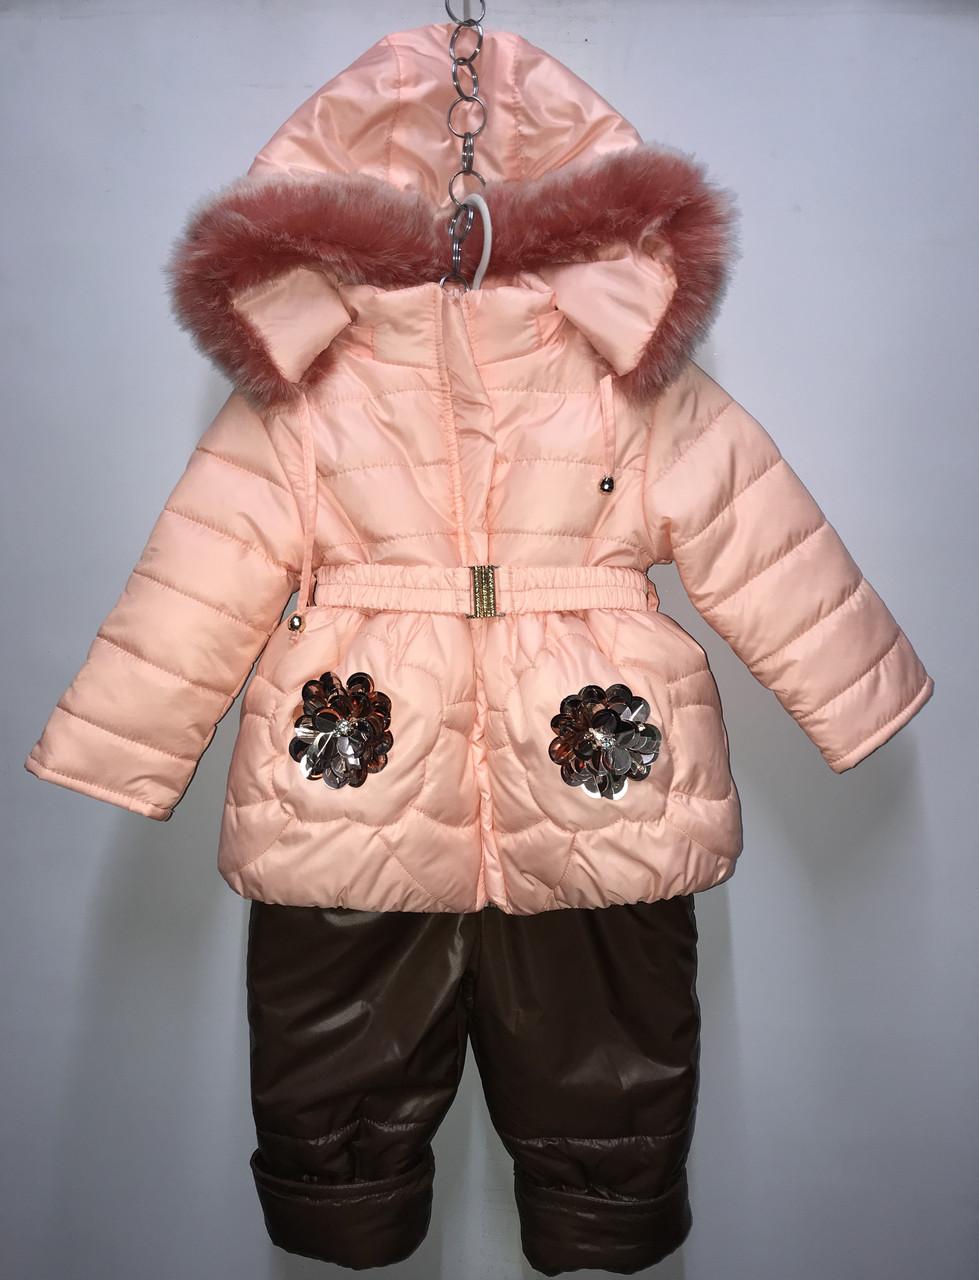 Зимняя детская курточка на овчине со штанами